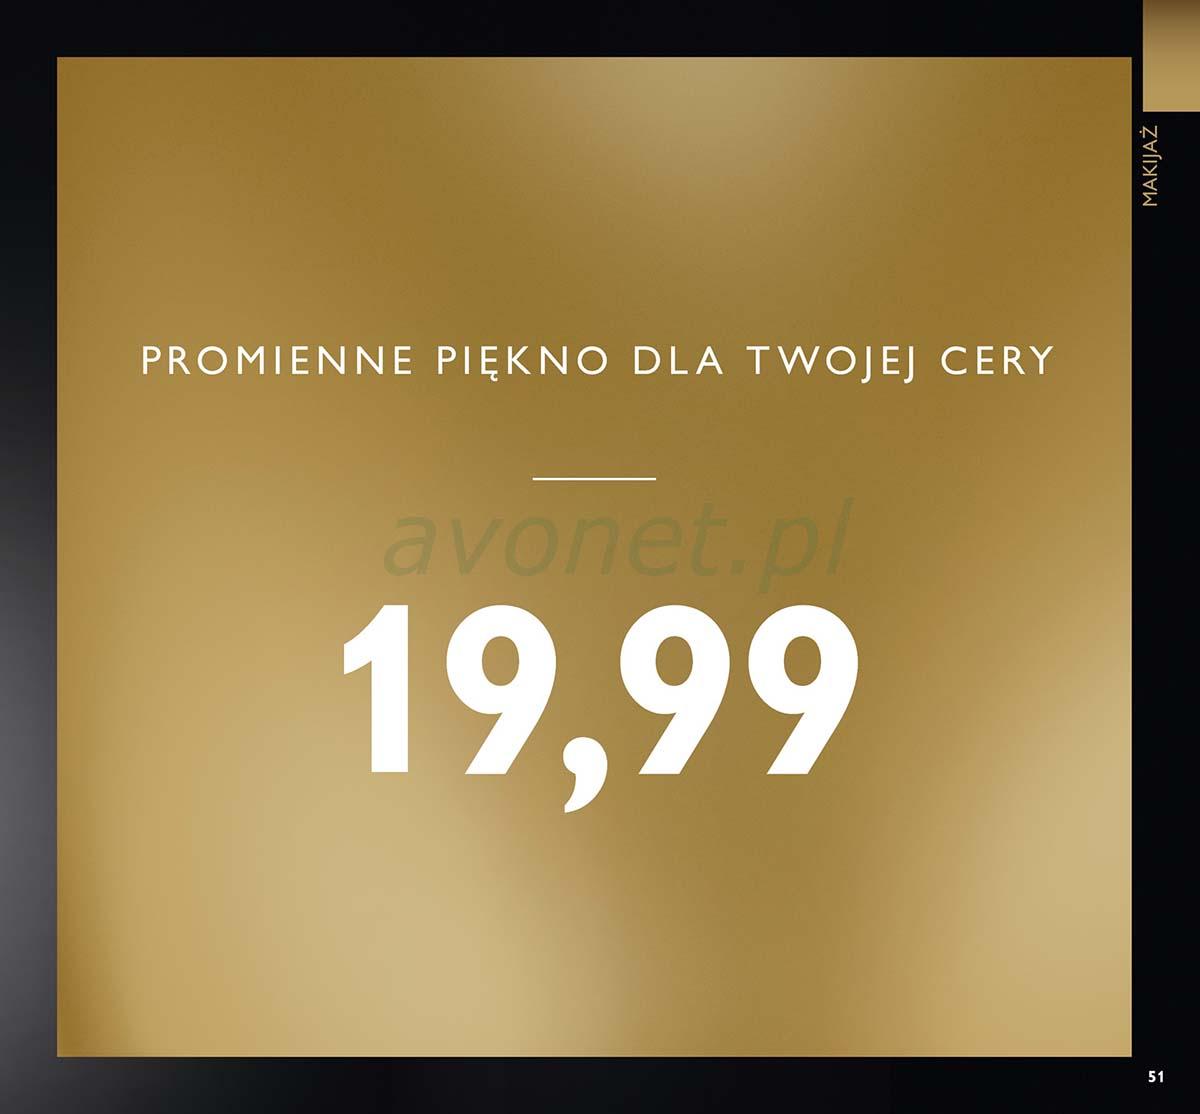 2018010-051-pl-PL